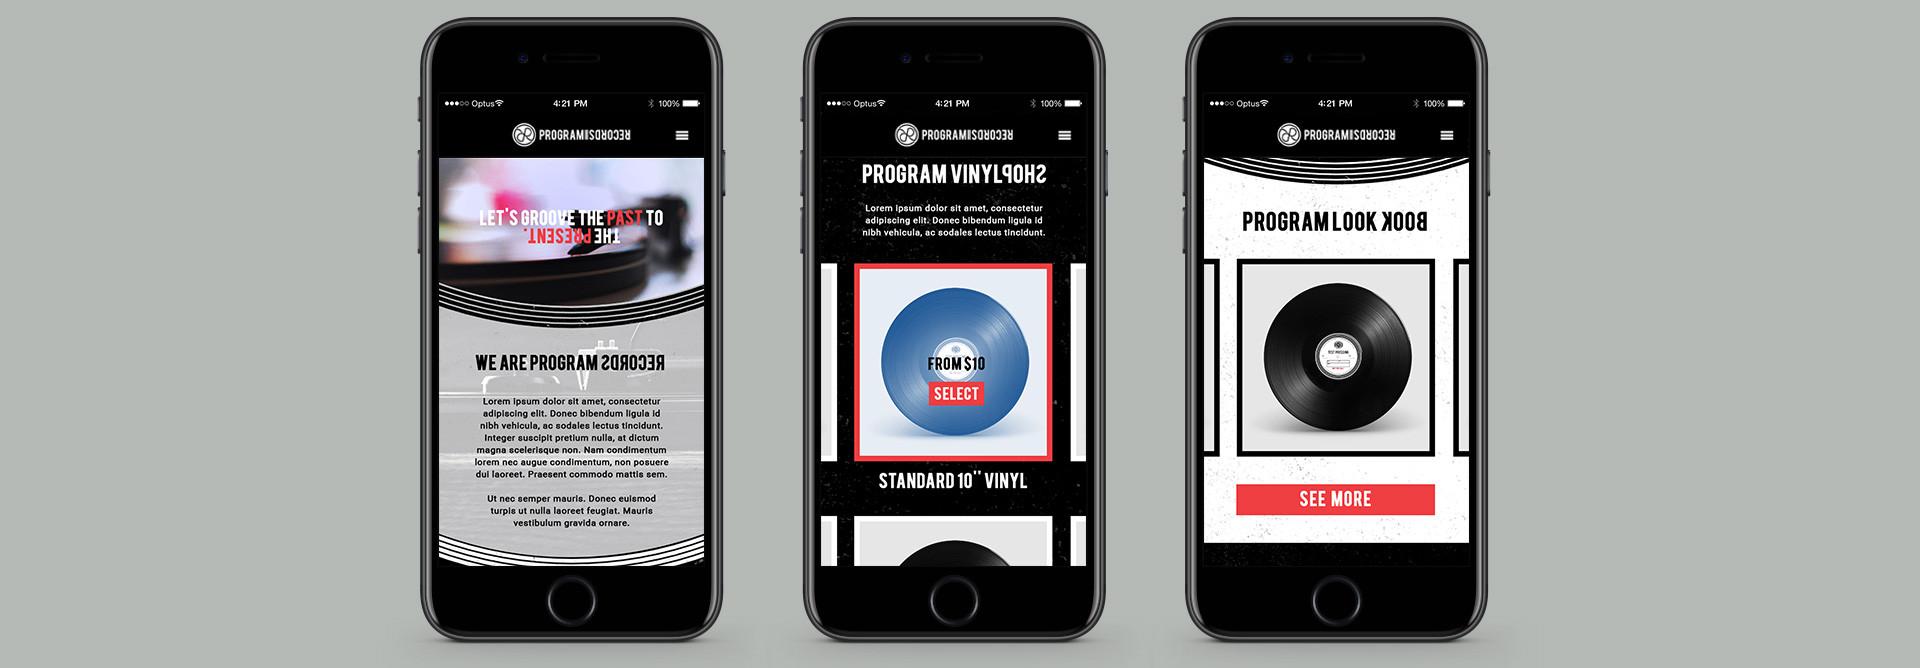 PR_mobile_website.jpg